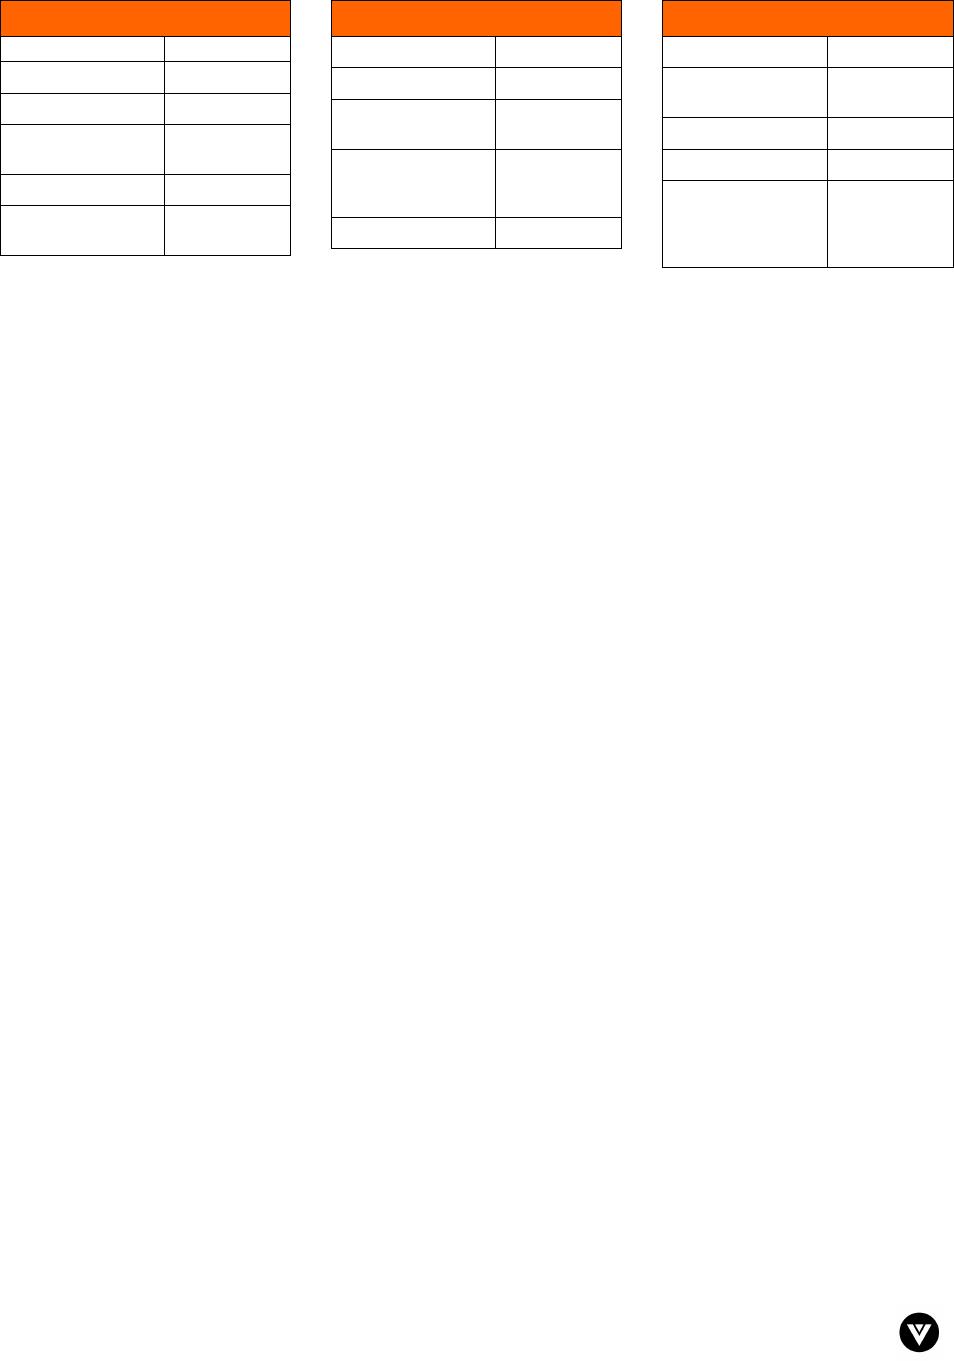 Page 16 of Vizio Universal Remote VUR6 User Guide